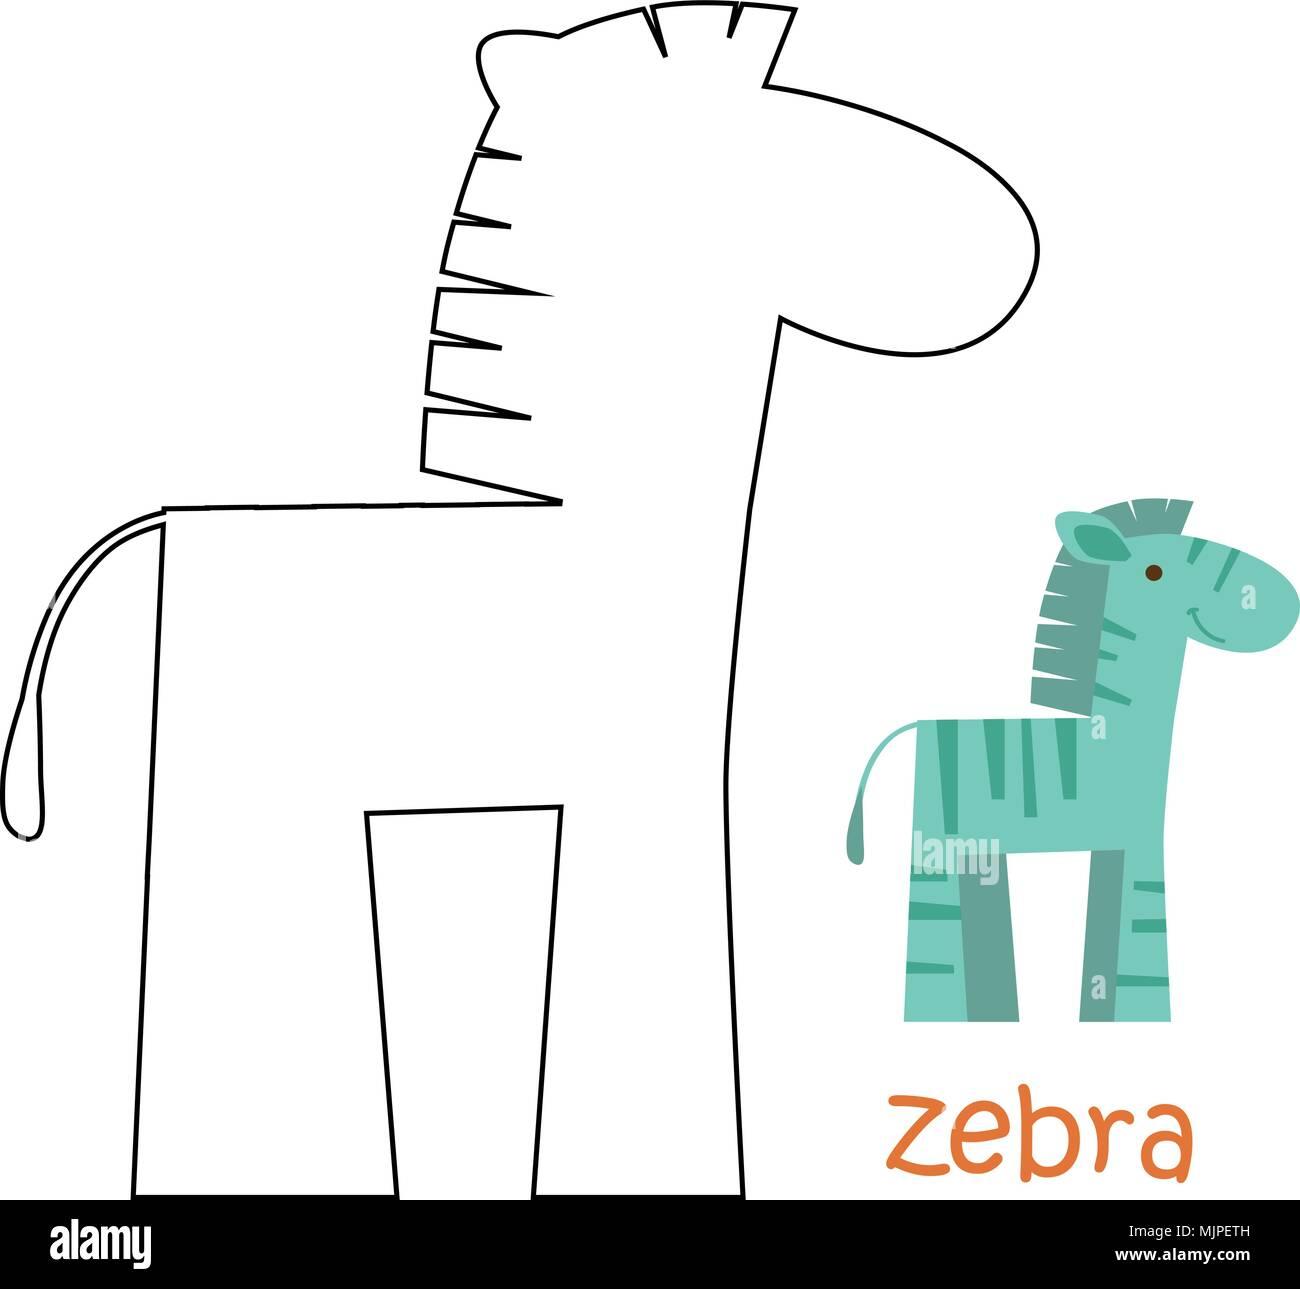 Großartig Zebra Etikettenvorlagen Fotos - Beispiel Business ...